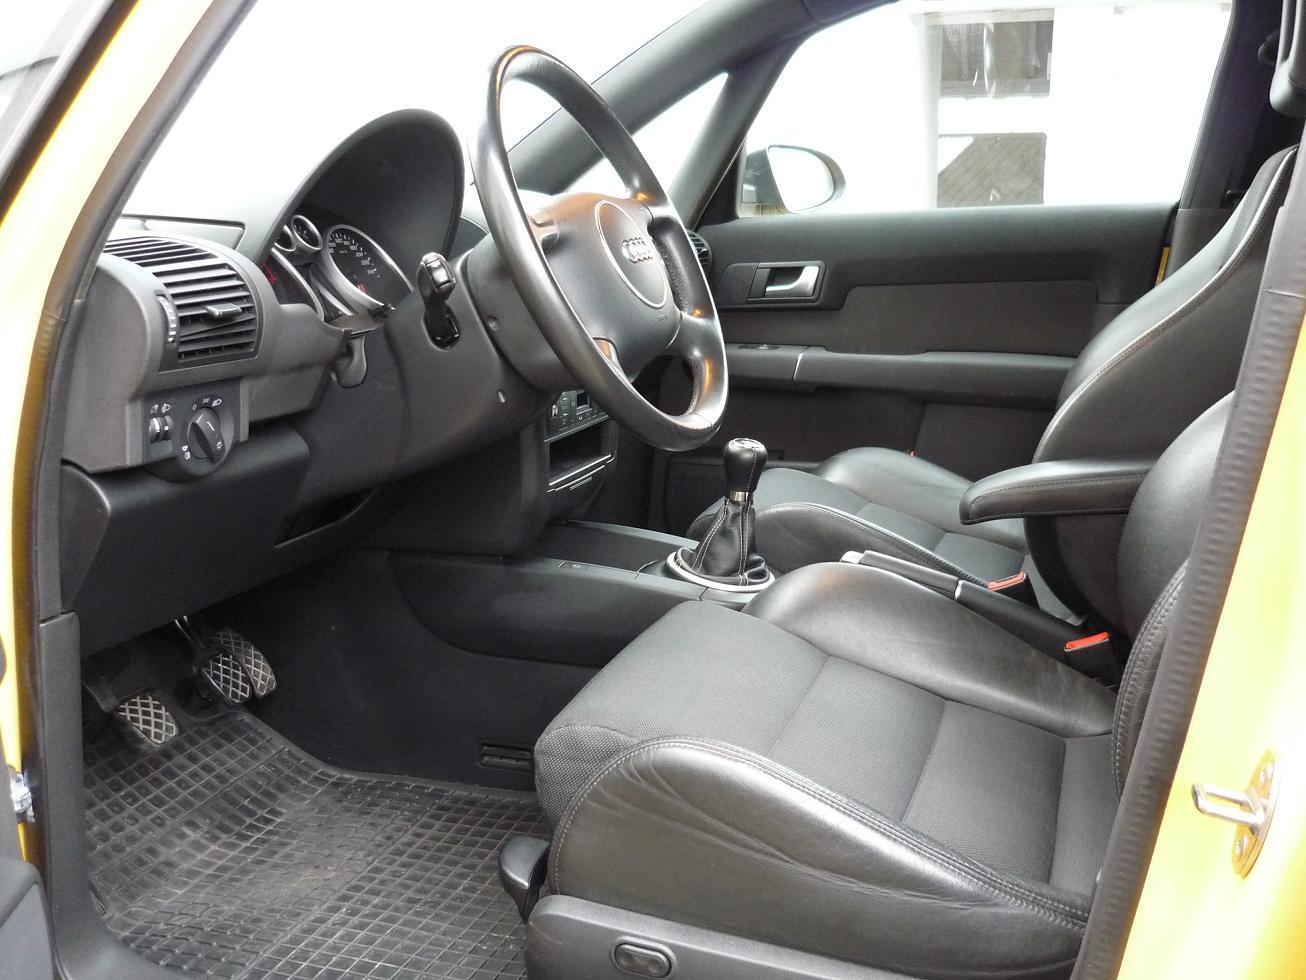 KANE.326 : Audi S2 - TDI Power